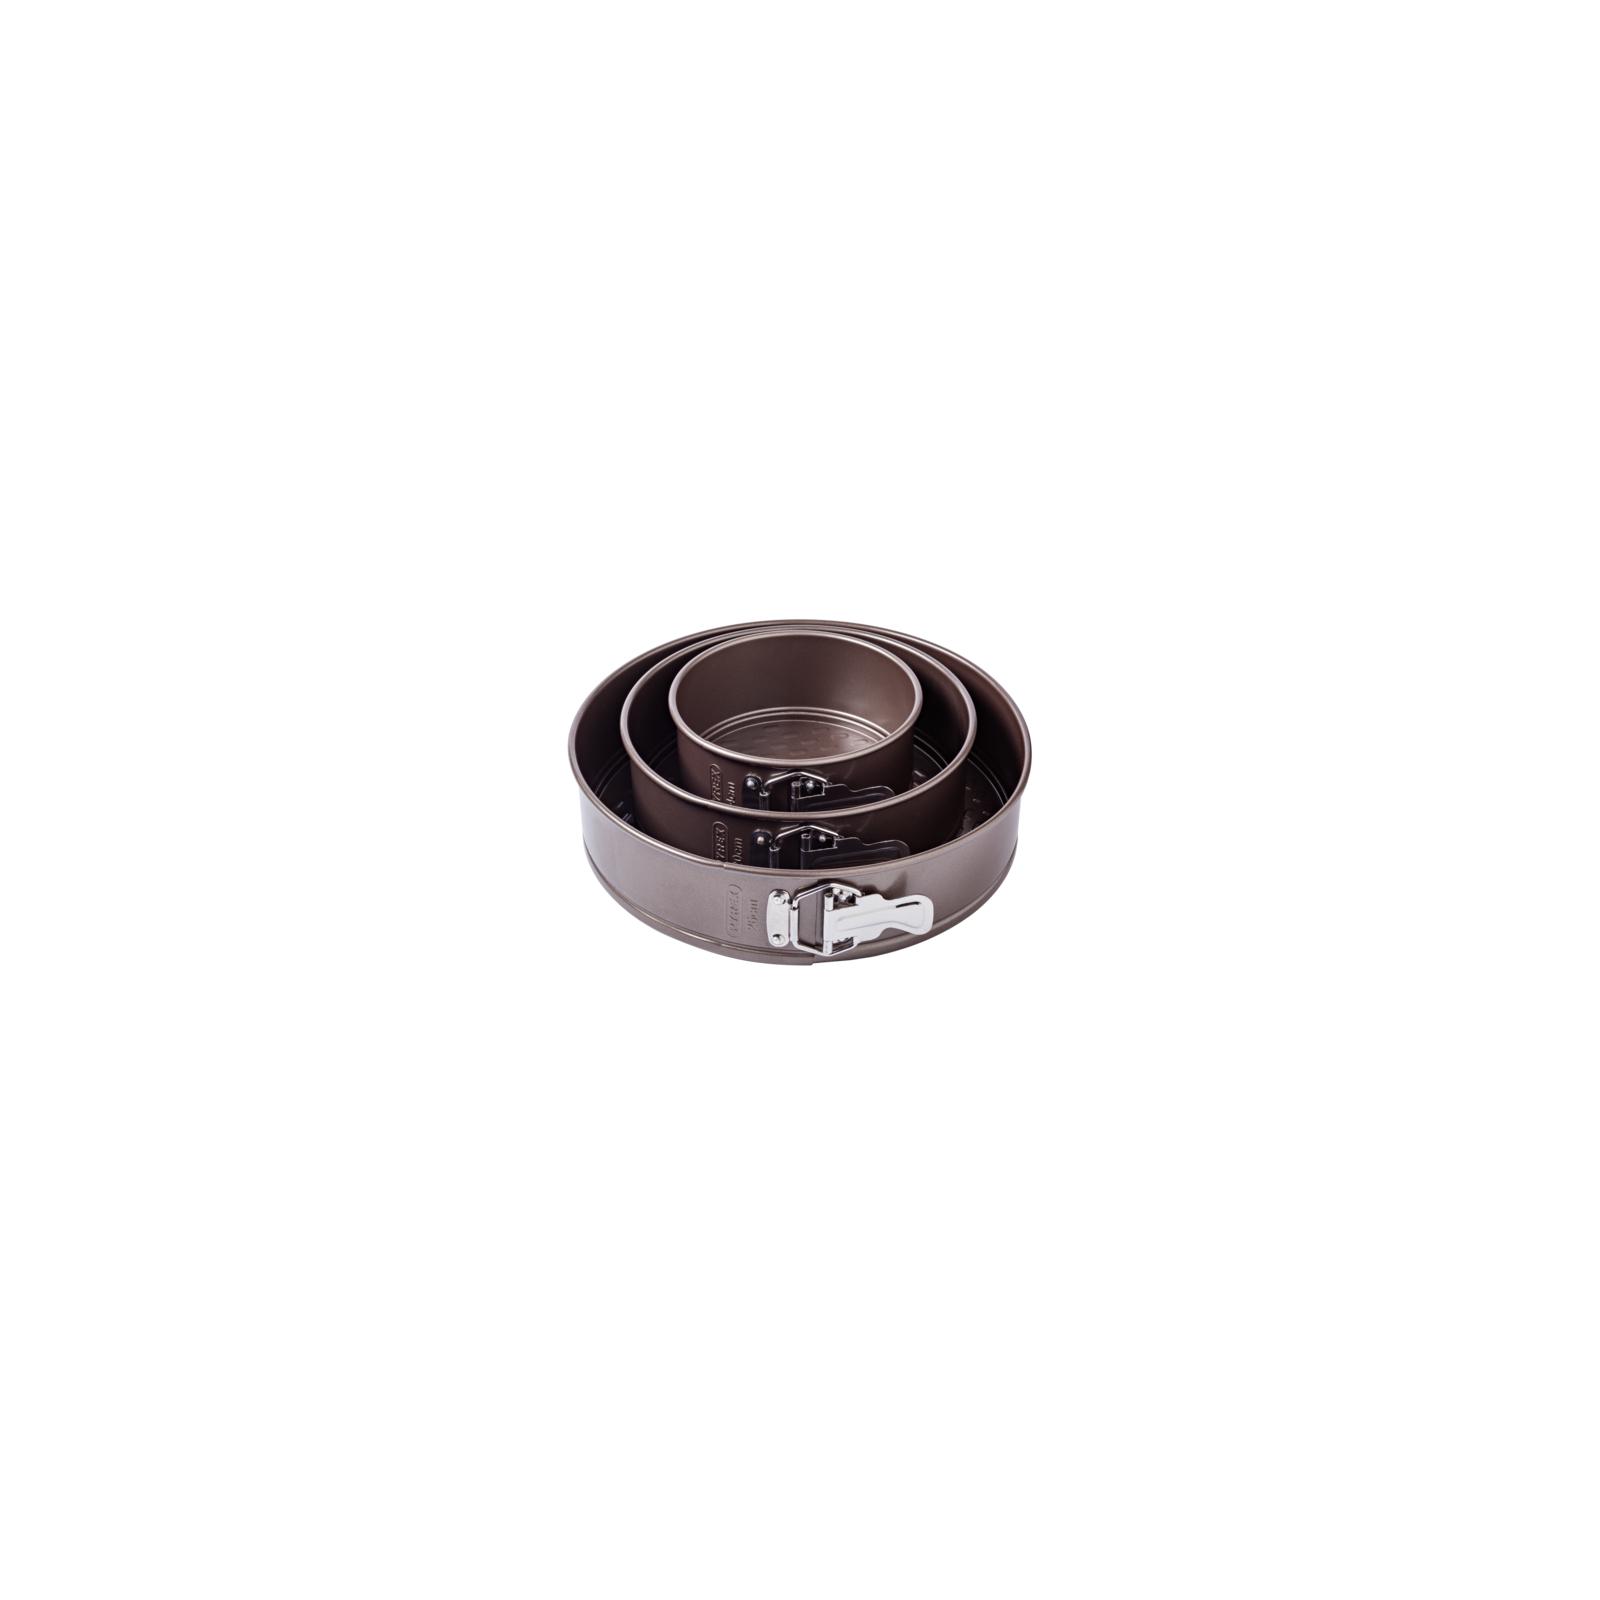 Форма для выпечки Pyrex Asimetria разъемная 20 см круглая (AS20BS0) изображение 4